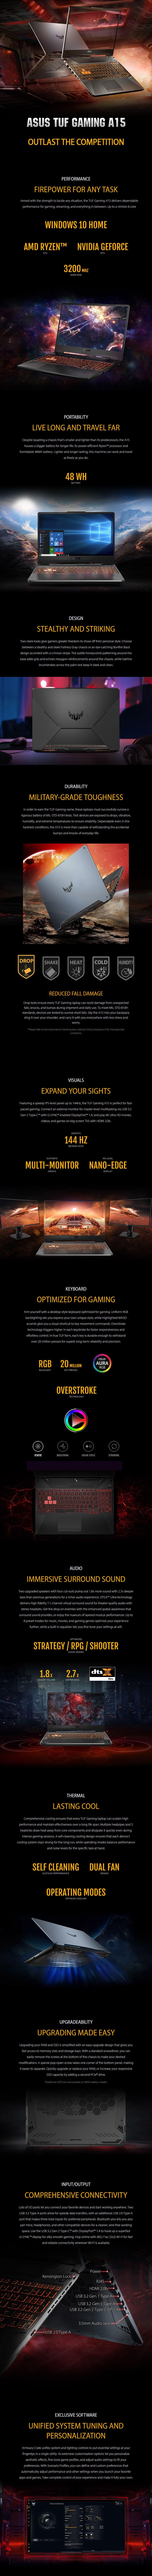 asus-tuf-gaming-a15-156-144hz-gamafing-laptop-r54600h-8gb-512gb-gtx1650ti-w10h-ac33447-11.jpg